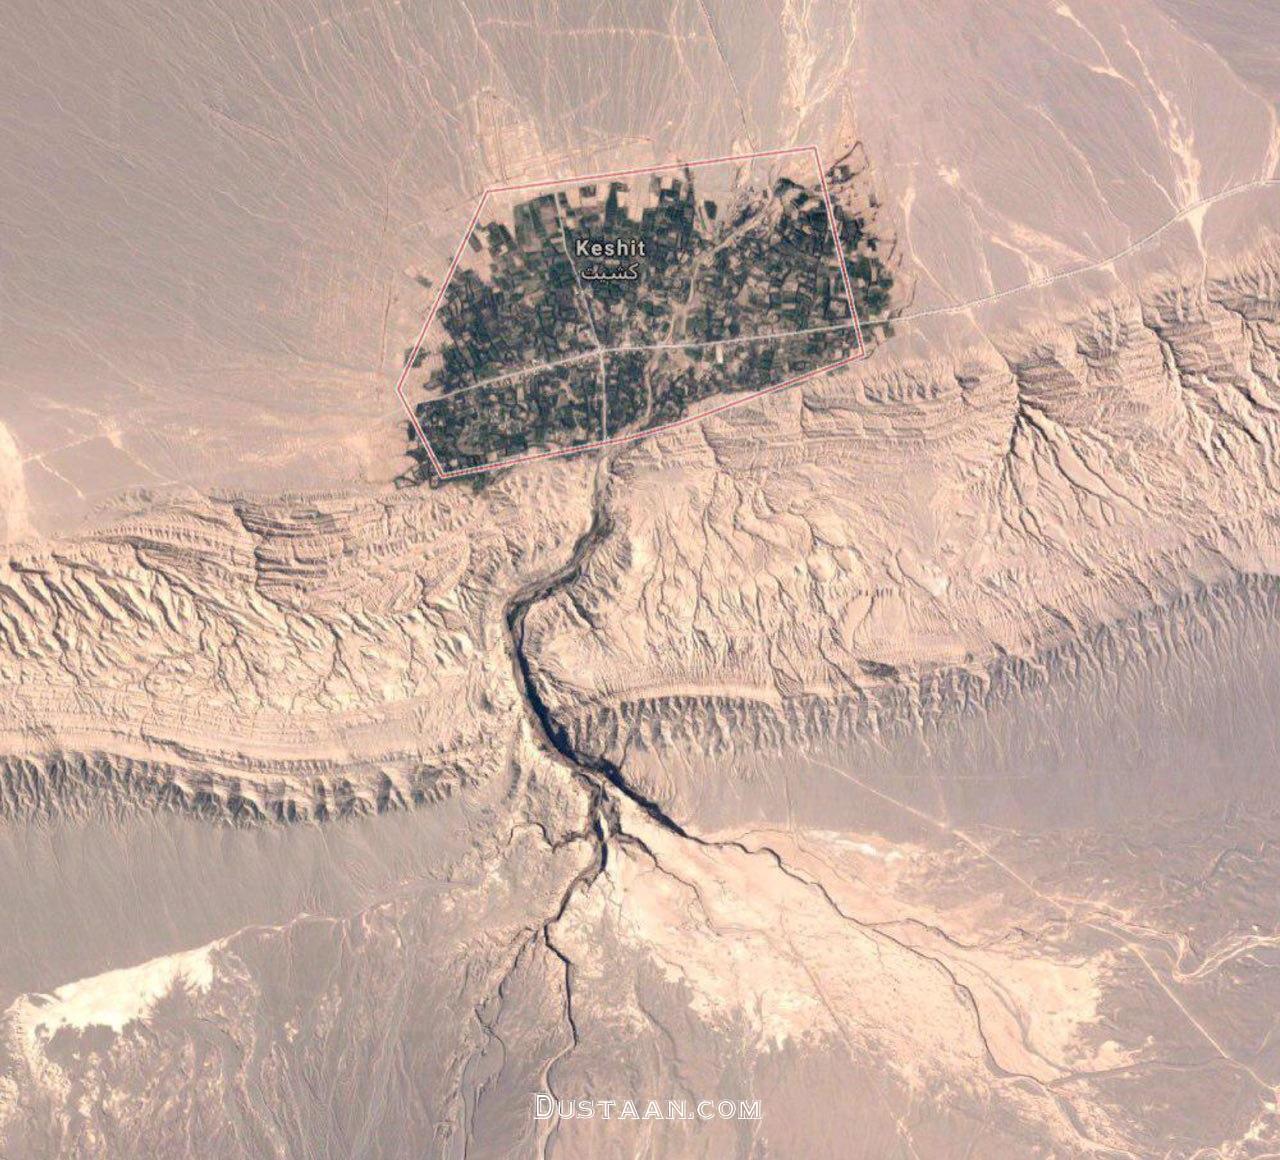 عکس دست و سرم تصویر ماهواره ای جالب از یک روستای ایرانی! +عکس - مجله ...